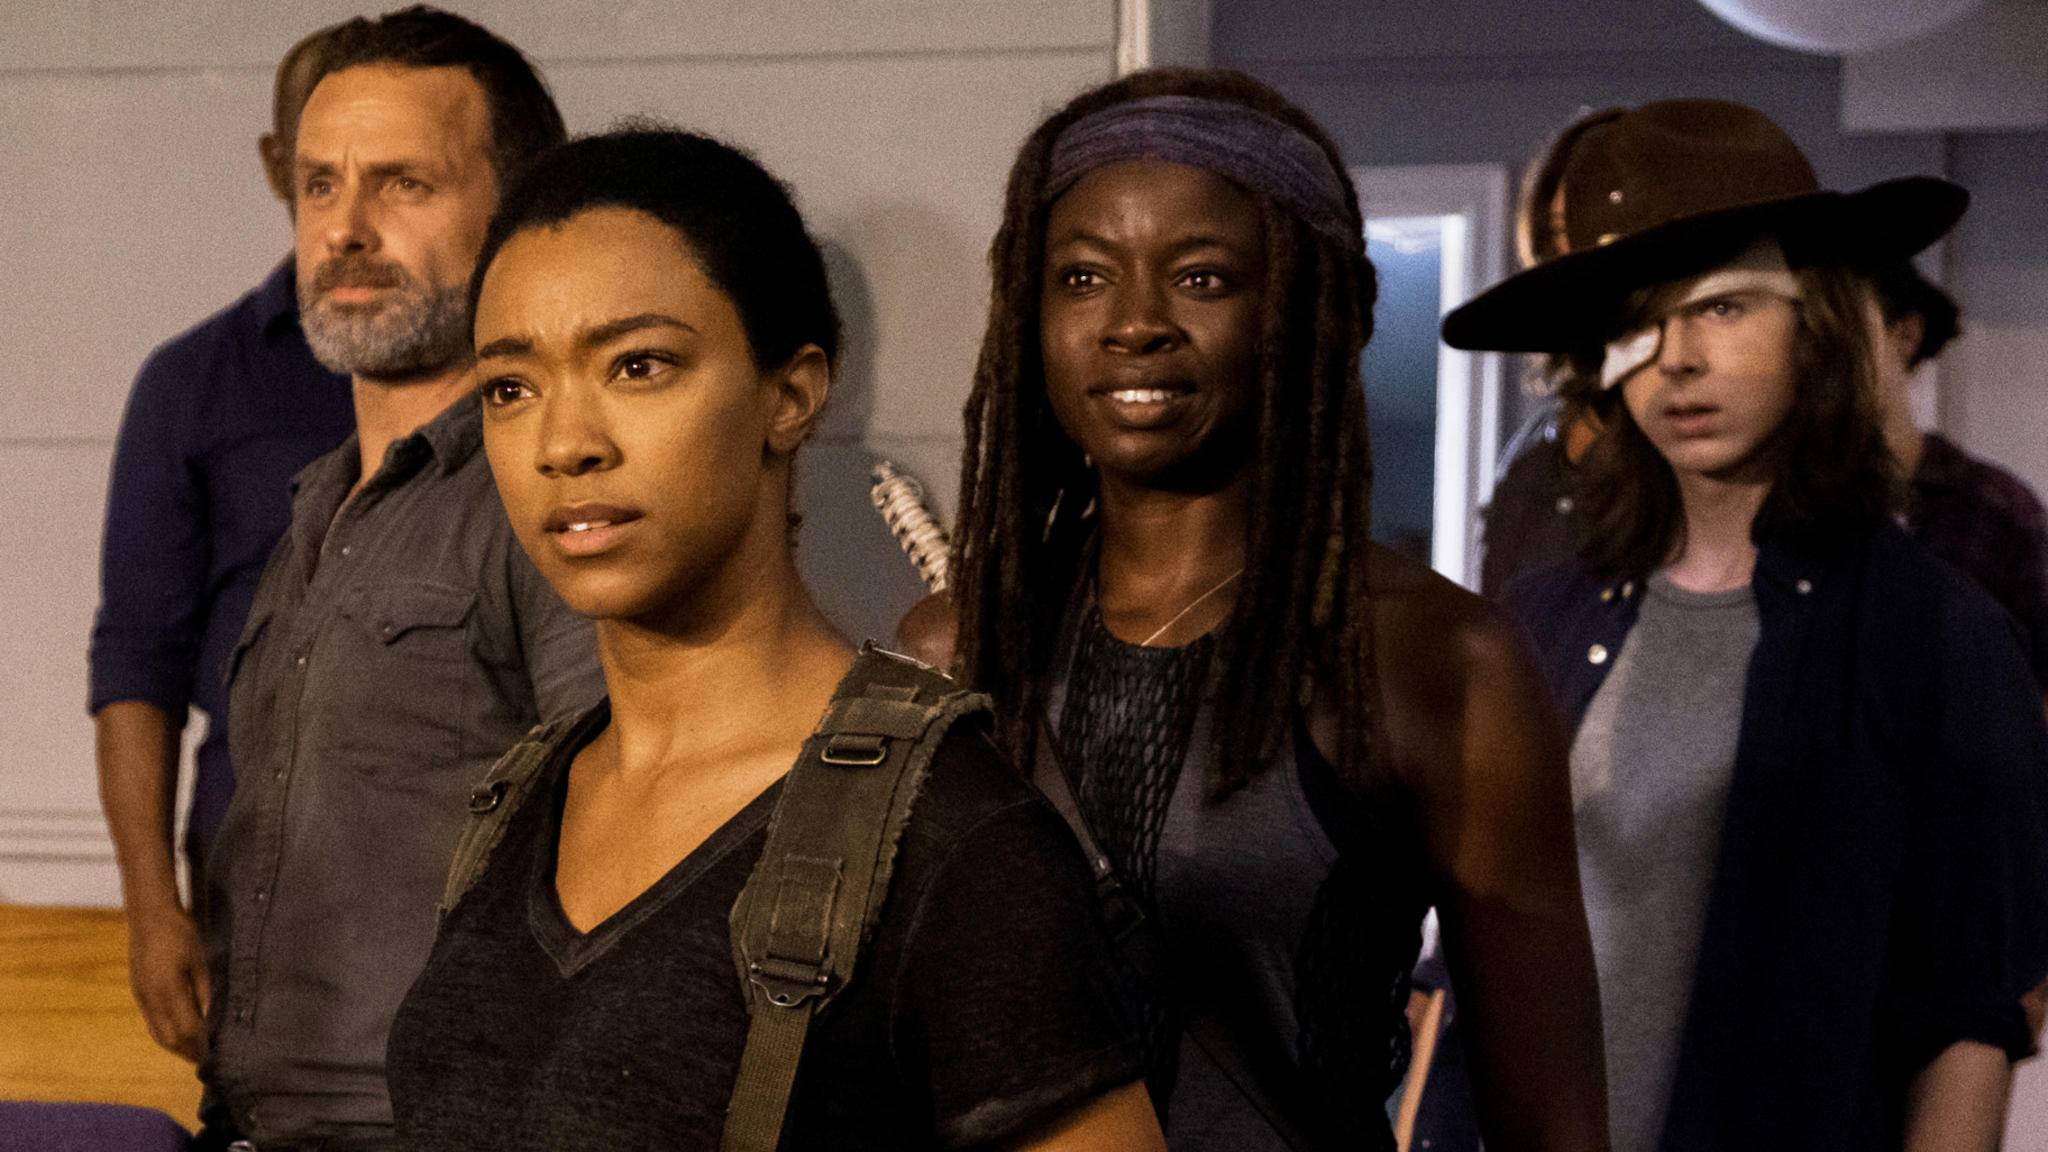 Sasha-Darstellerin Sonequa Martin-Green (zweite von links im Bild) könnte schon bald auf die Looney Tunes treffen.